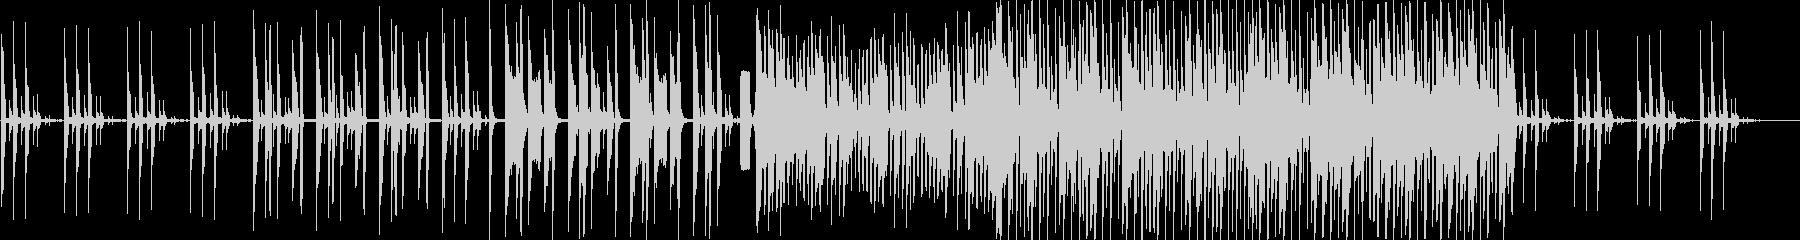 エレクトロEDMの未再生の波形